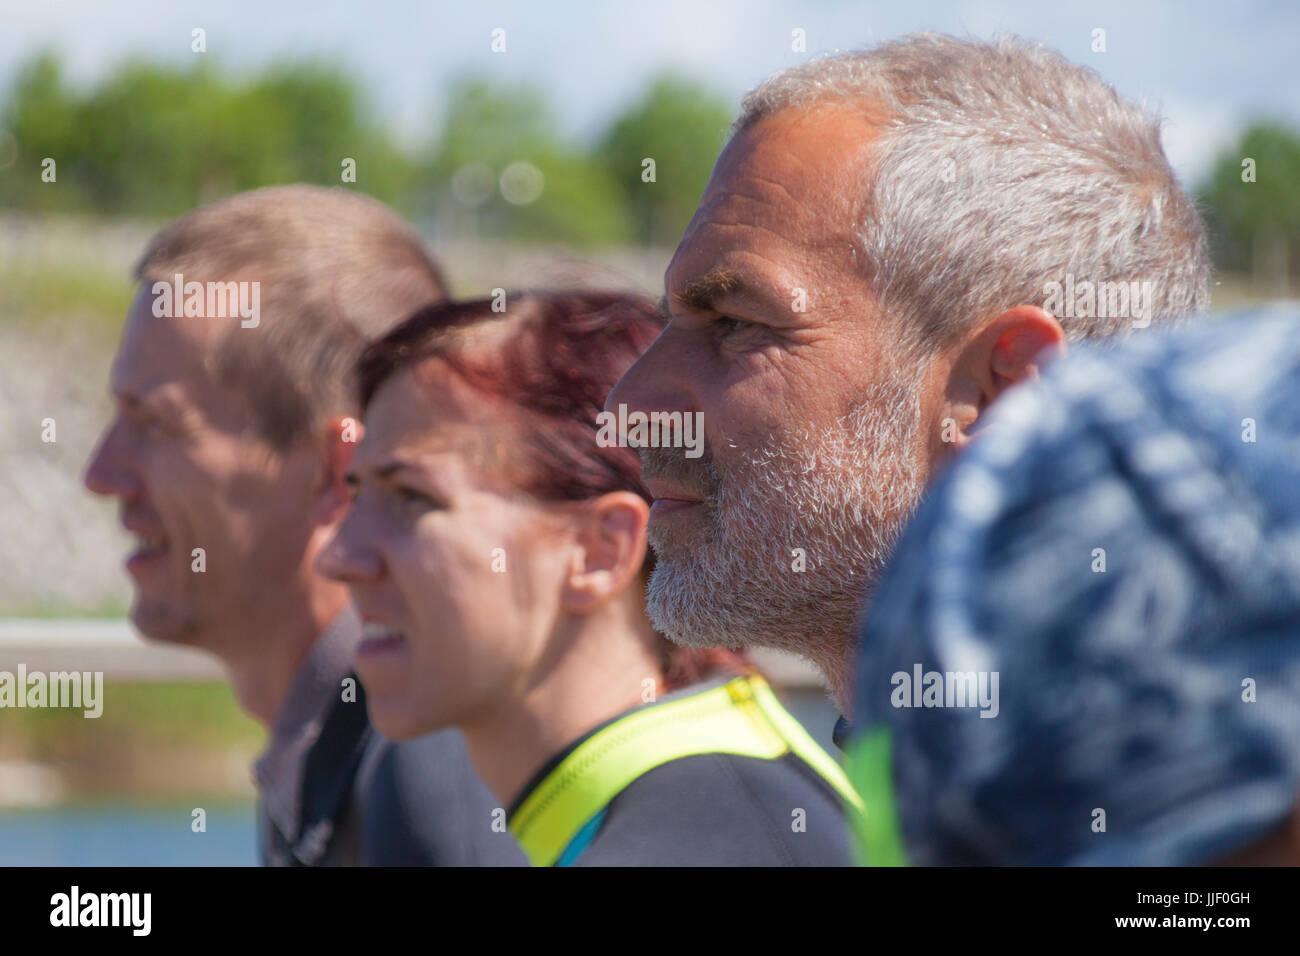 Tres personas mirando a distancia Imagen De Stock